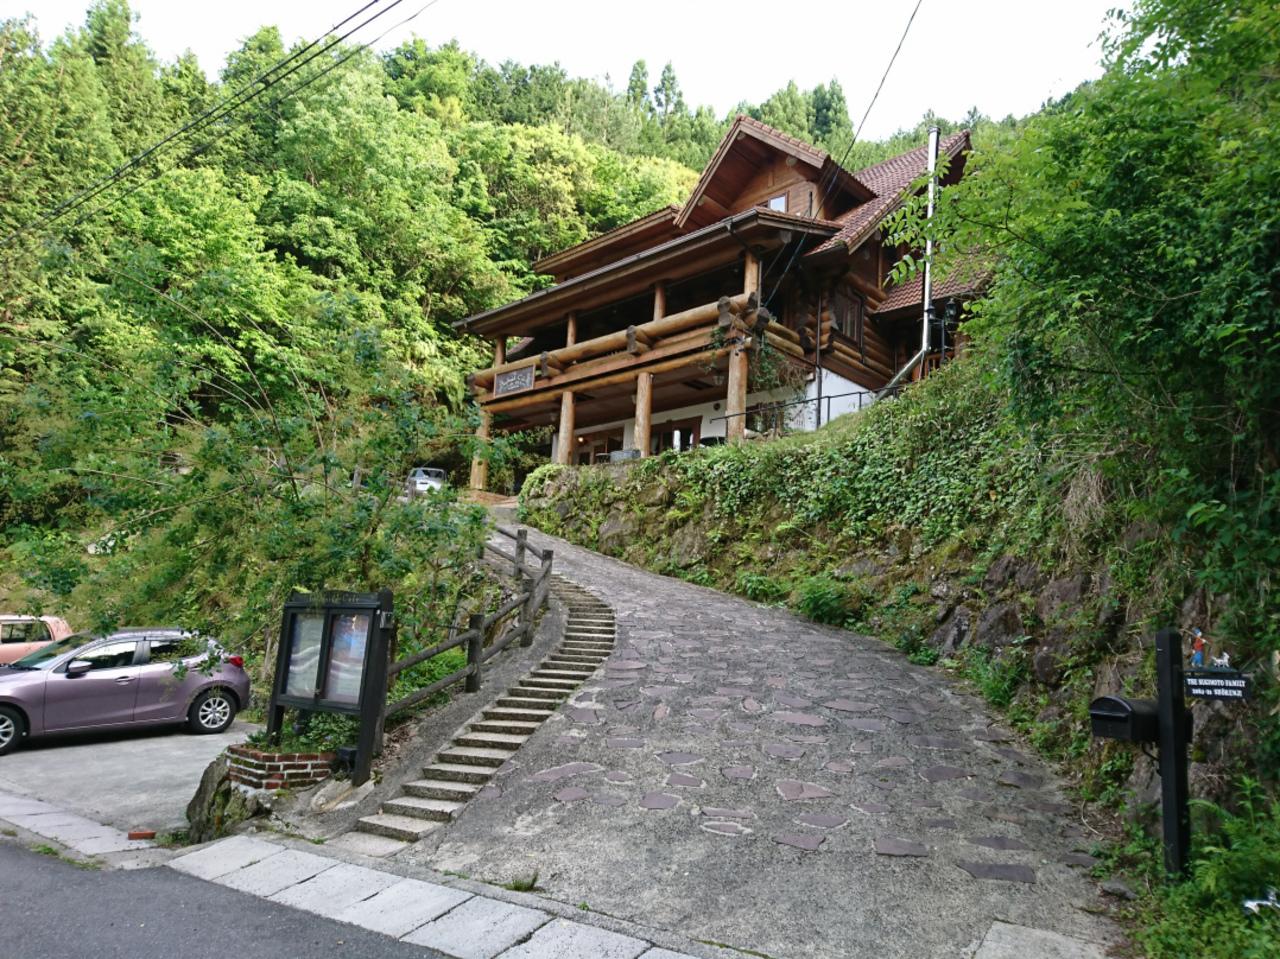 青蓮寺湖畔のIngle side Cafe。。。